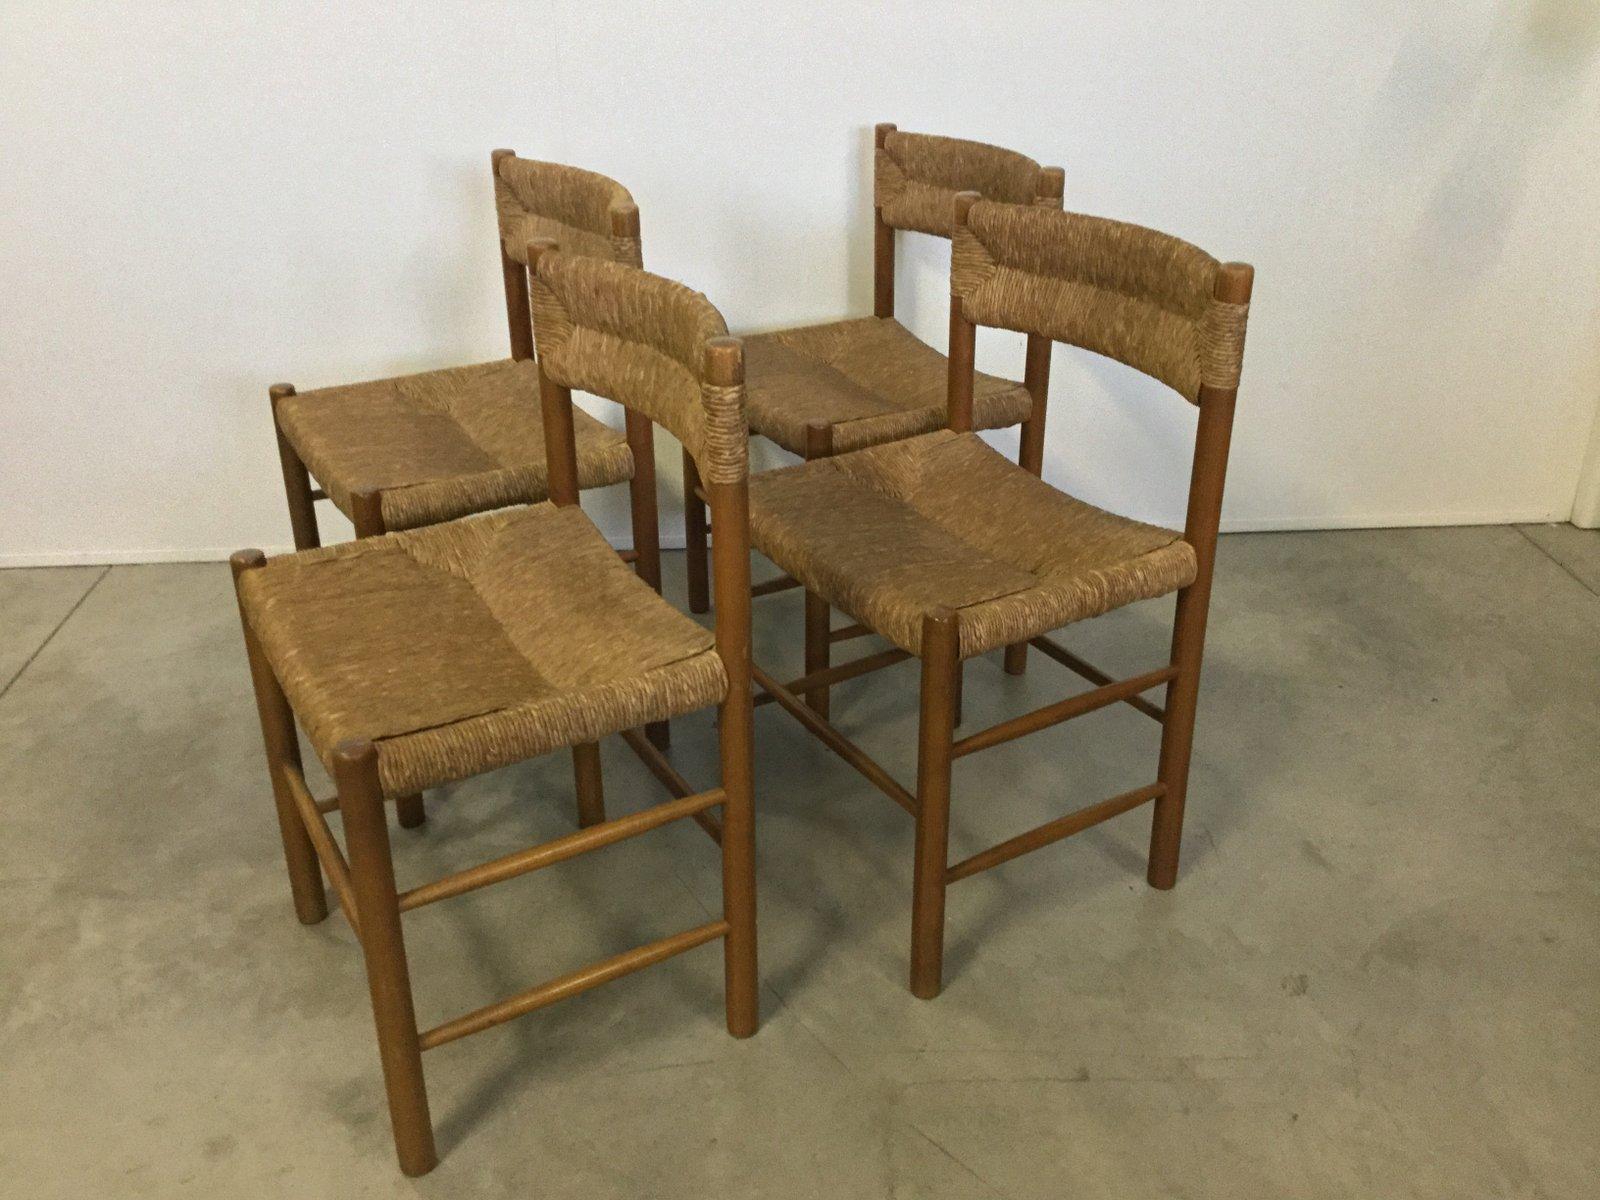 chaises vintage en paille et en pin par robert sentou set de 4 en vente sur pamono. Black Bedroom Furniture Sets. Home Design Ideas